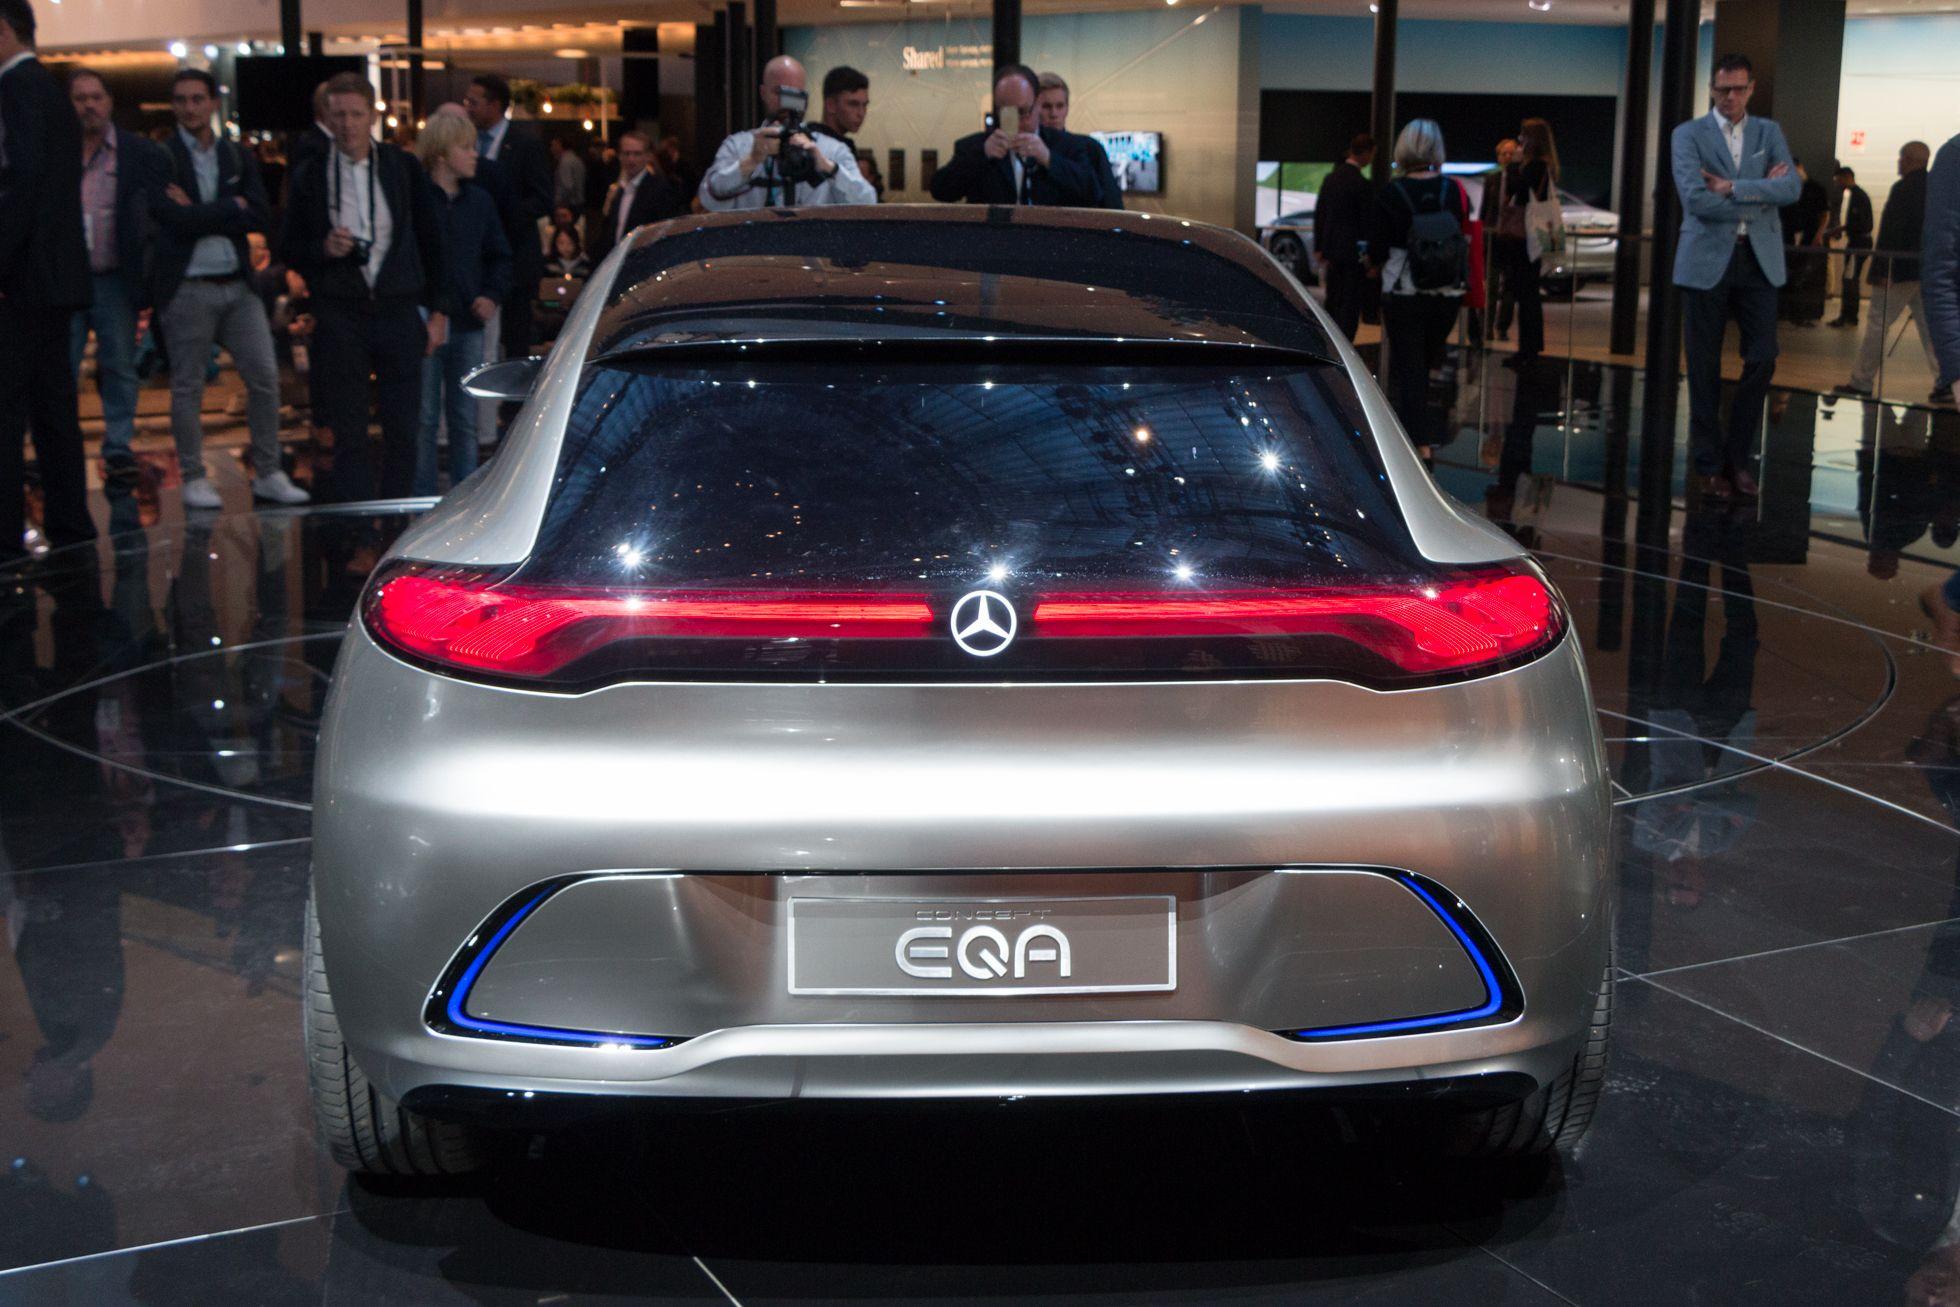 Concept EQA: Mercedes elektrifiziert die Kompaktklasse - Das Auto soll 2020 auf den Markt kommen. (Foto: Werner Pluta/Golem.de)